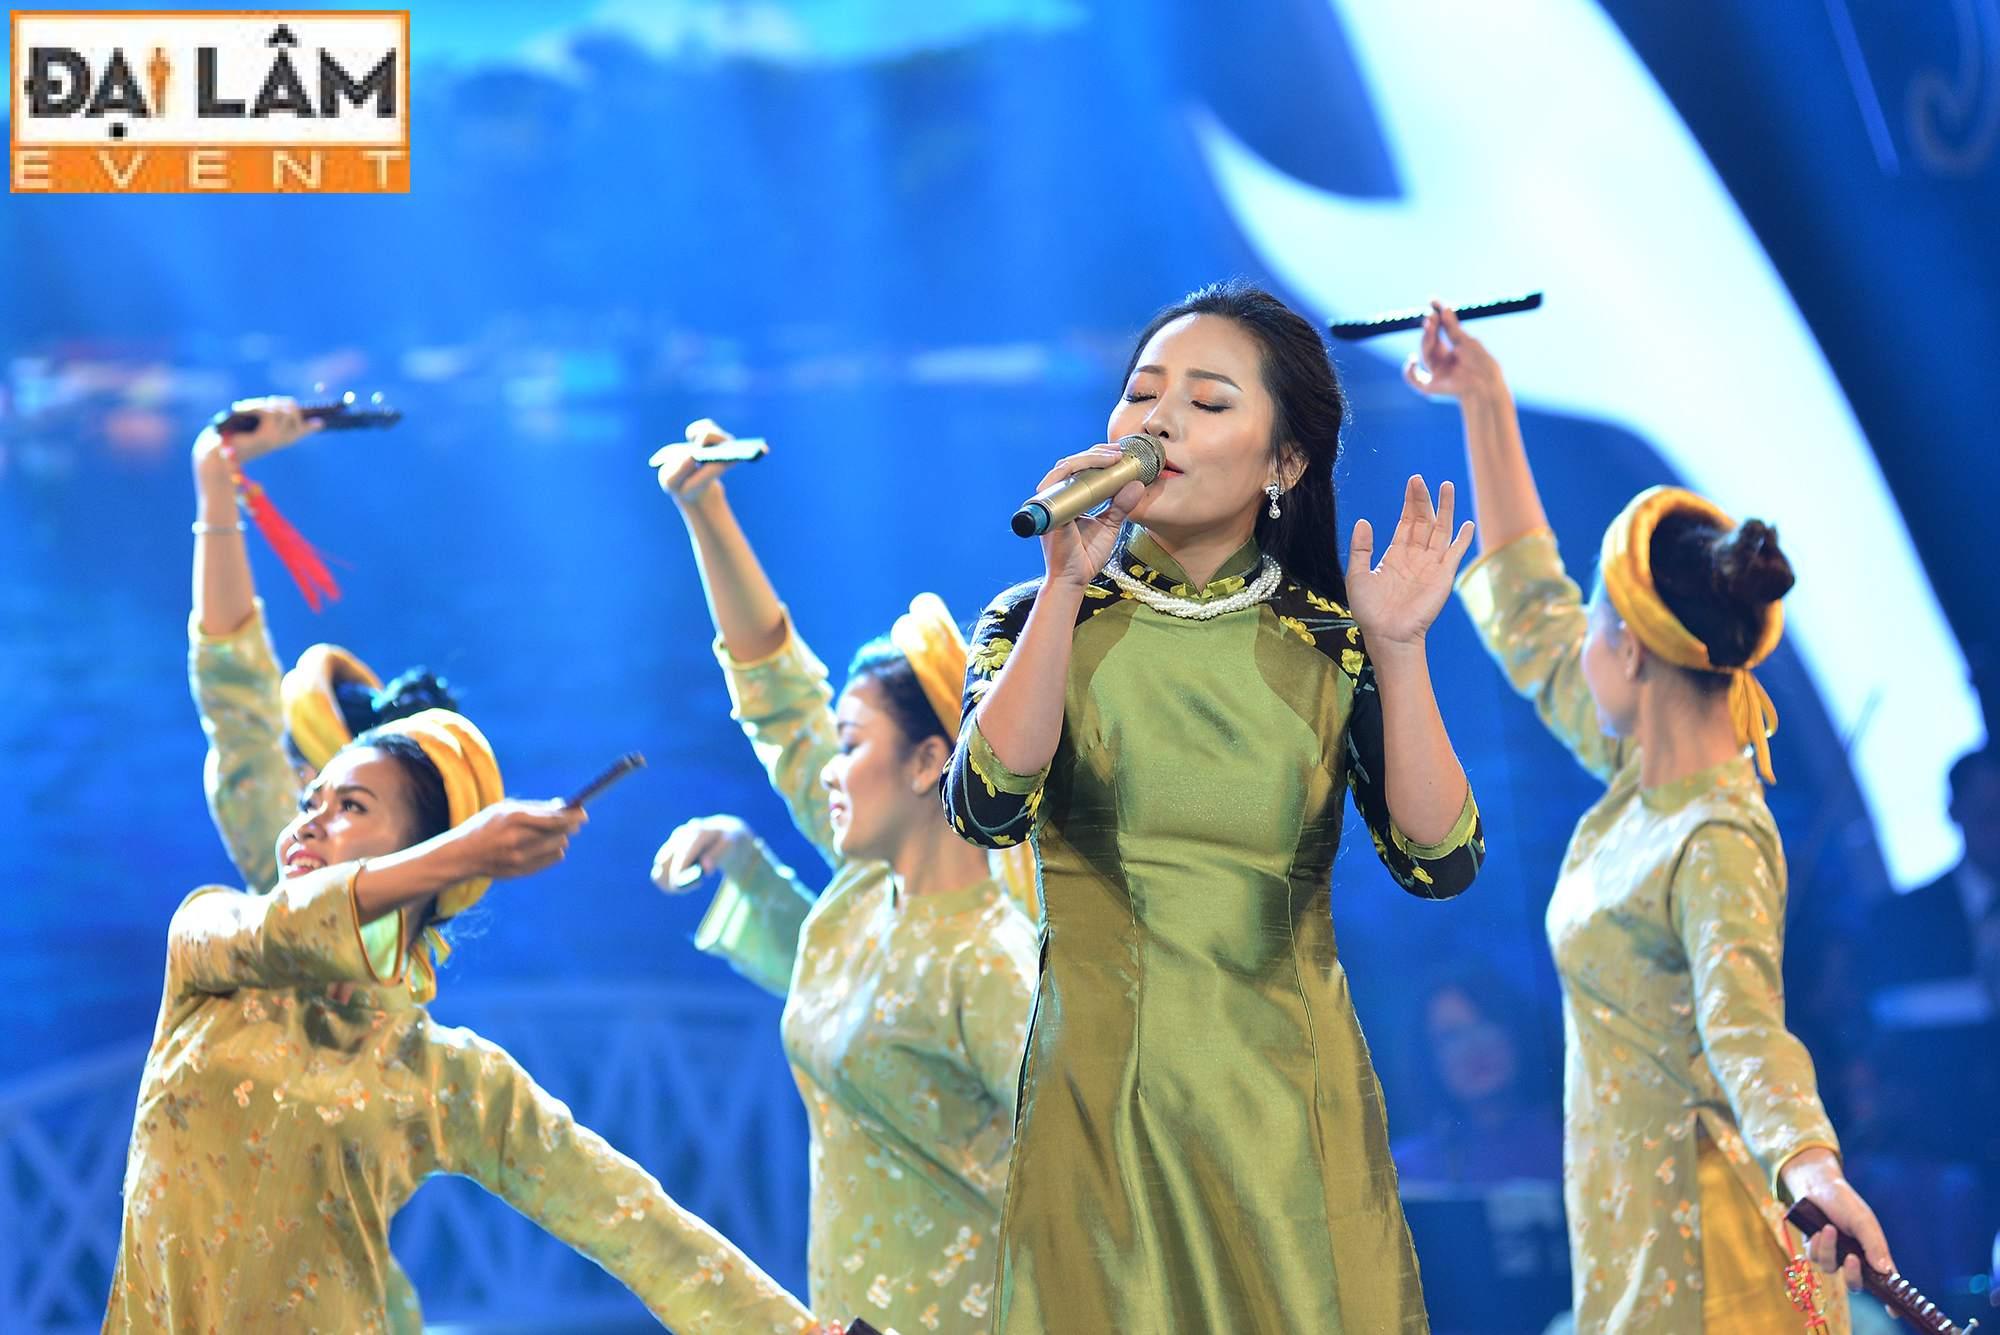 nhung-yeu-to-lam-nen-thanh-cong-khi-to-chuc-su-kien-02